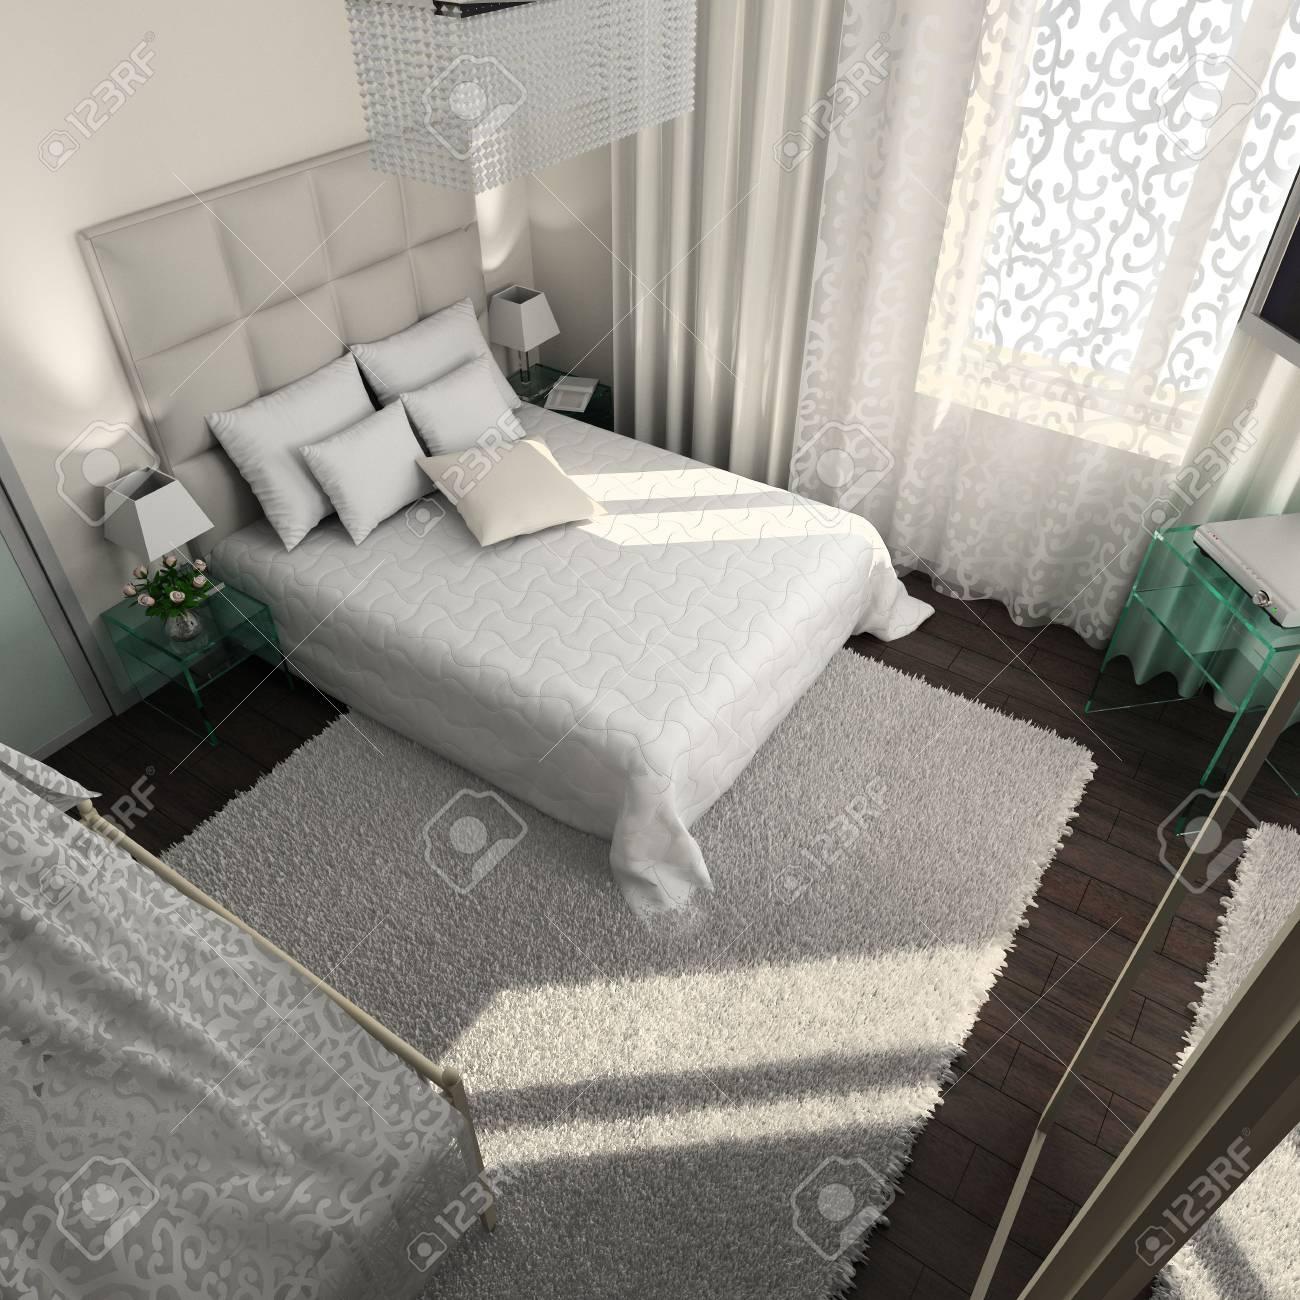 Iinterior of modern bedroom. 3D render Stock Photo - 4381970